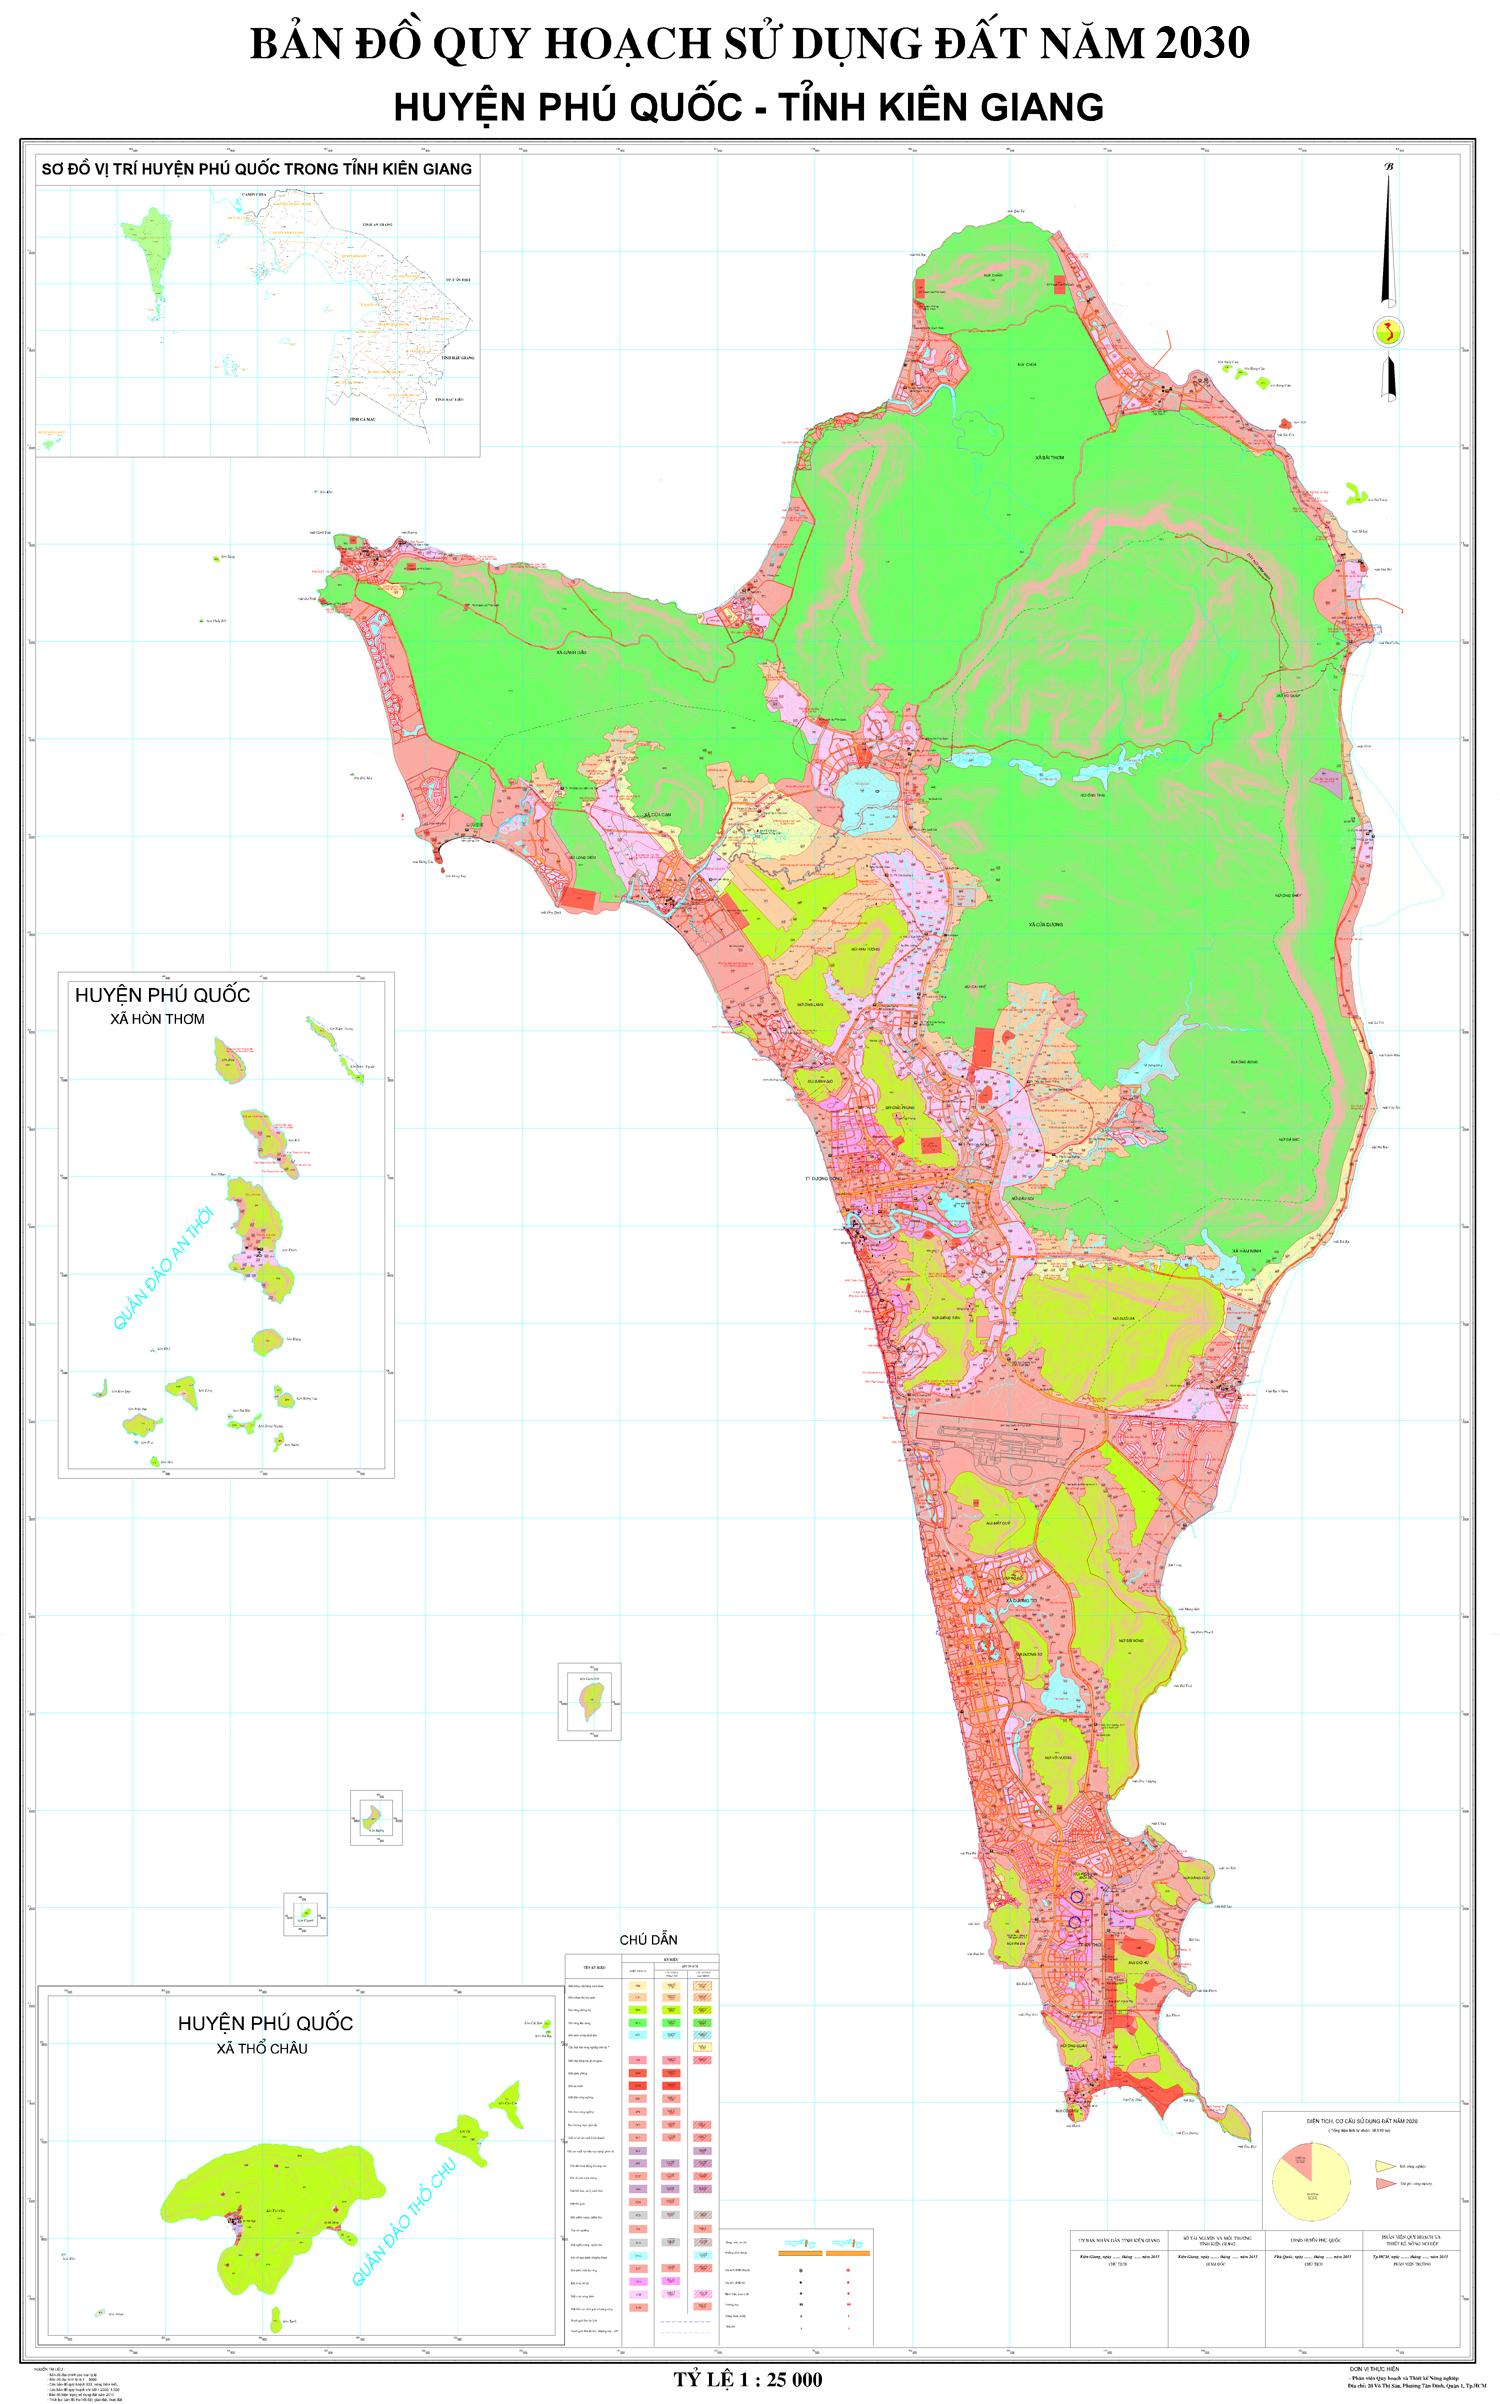 Định hướng quy hoạch đất Phú Quốc đến 2030 quy hoạch đất phú quốc đến 2030 - quy-hoach-dat-phu-quoc-12 - Định hướng quy hoạch đất Phú Quốc đến 2030